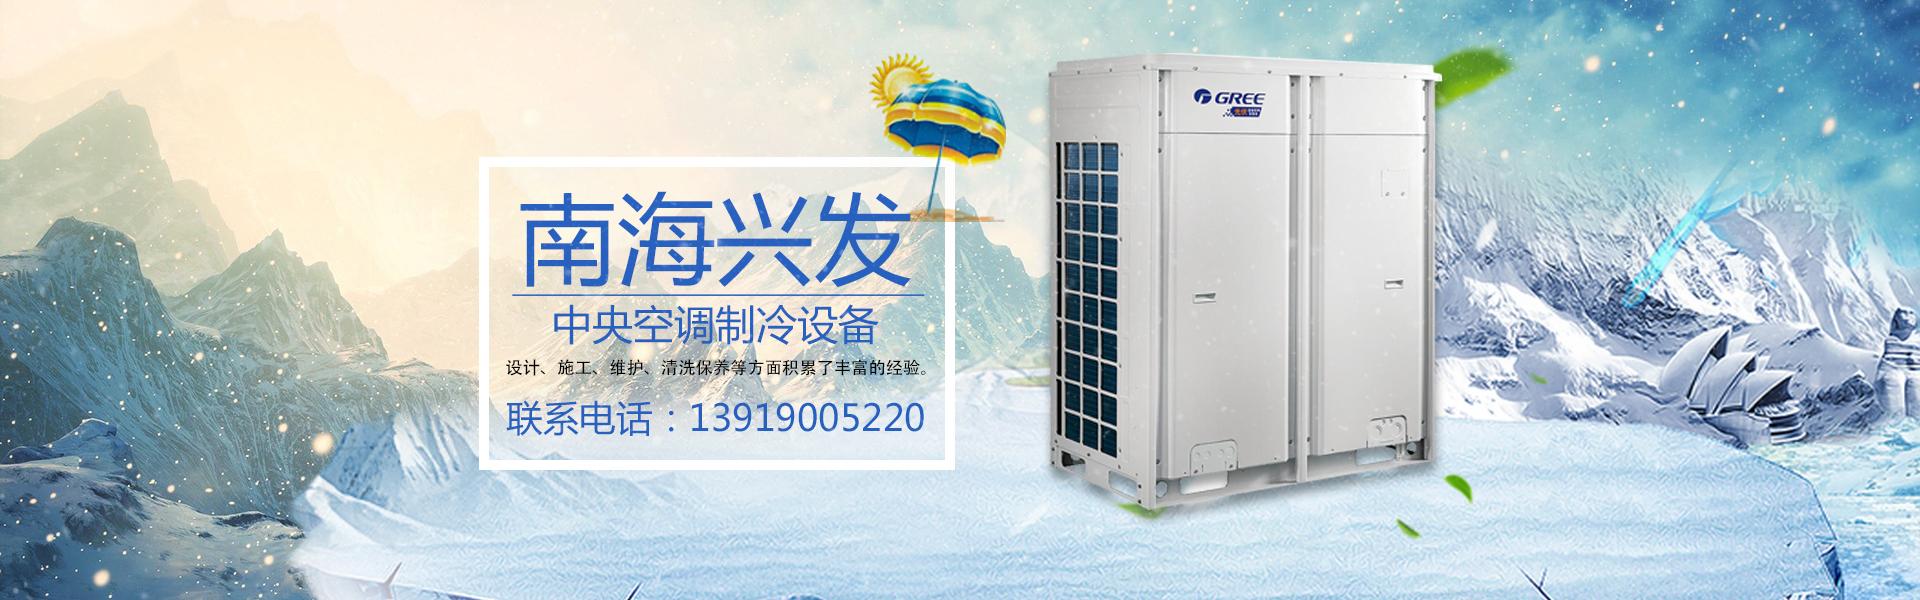 南海兴发空调安设计、安装。销售